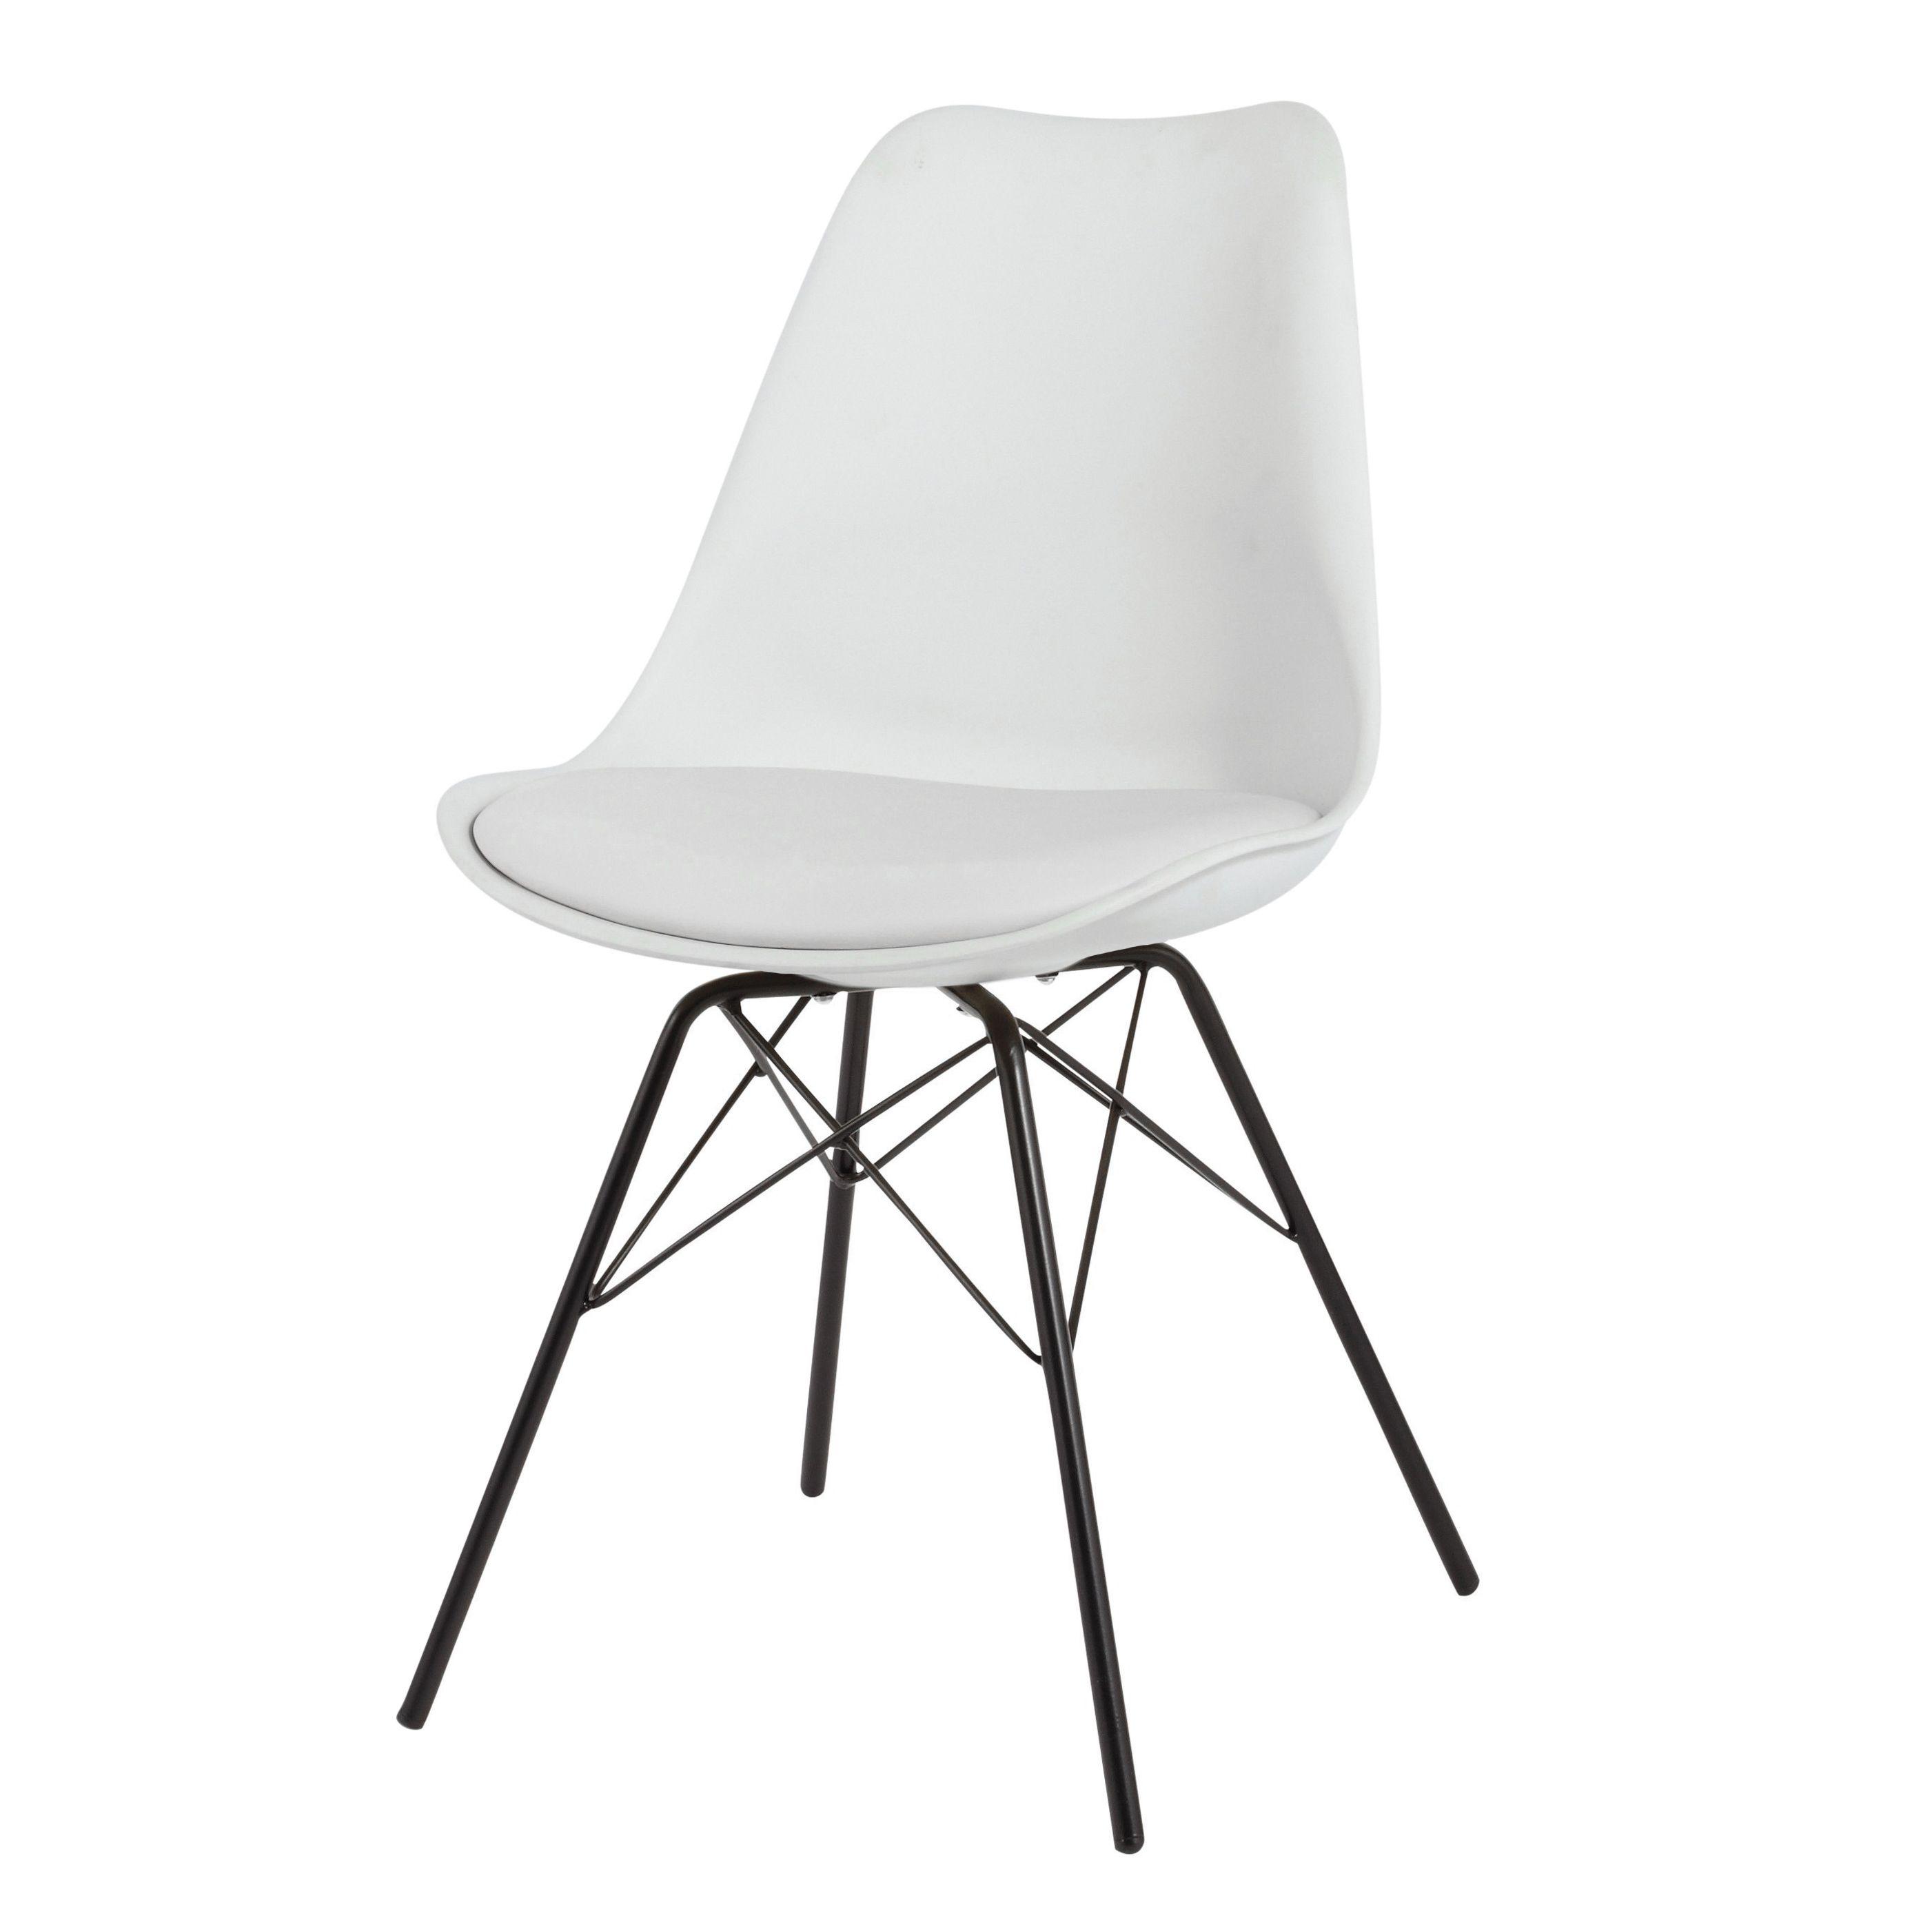 Kunststoff Stuhl Amazing Xera Mit Armlehnen Xera Mit Armlehnen With